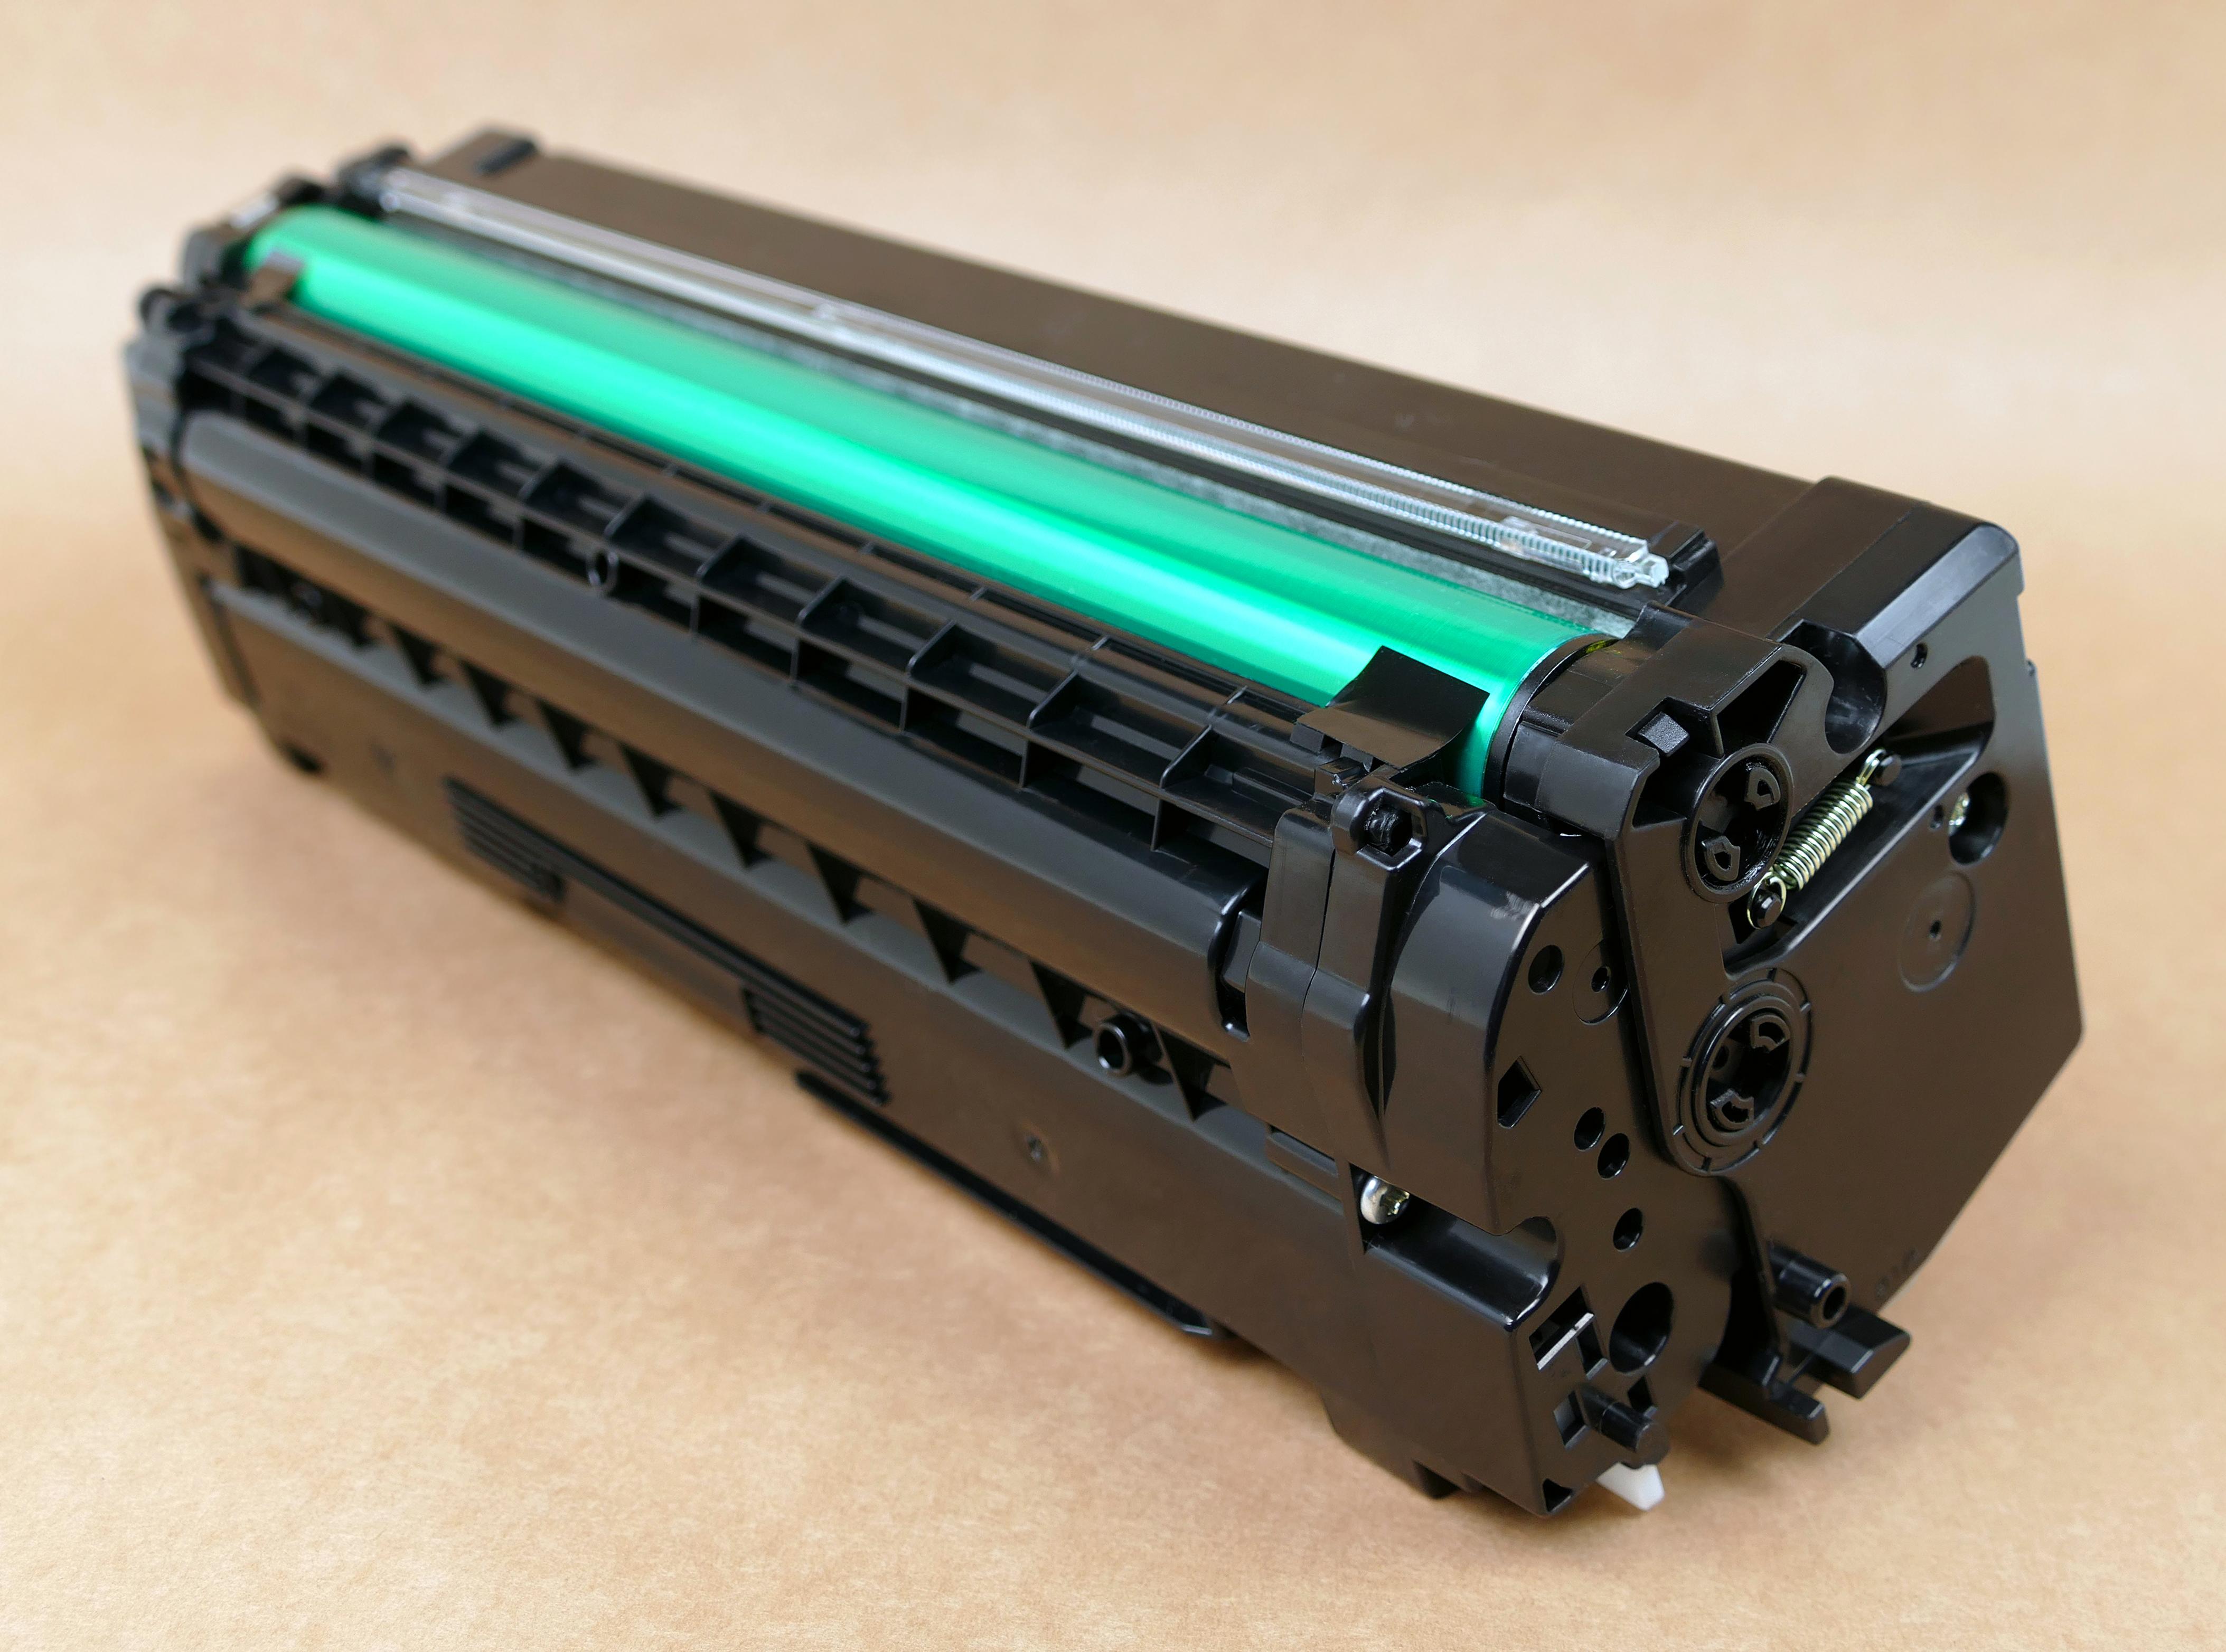 file samsung laser toner cartridge side wikimedia commons. Black Bedroom Furniture Sets. Home Design Ideas